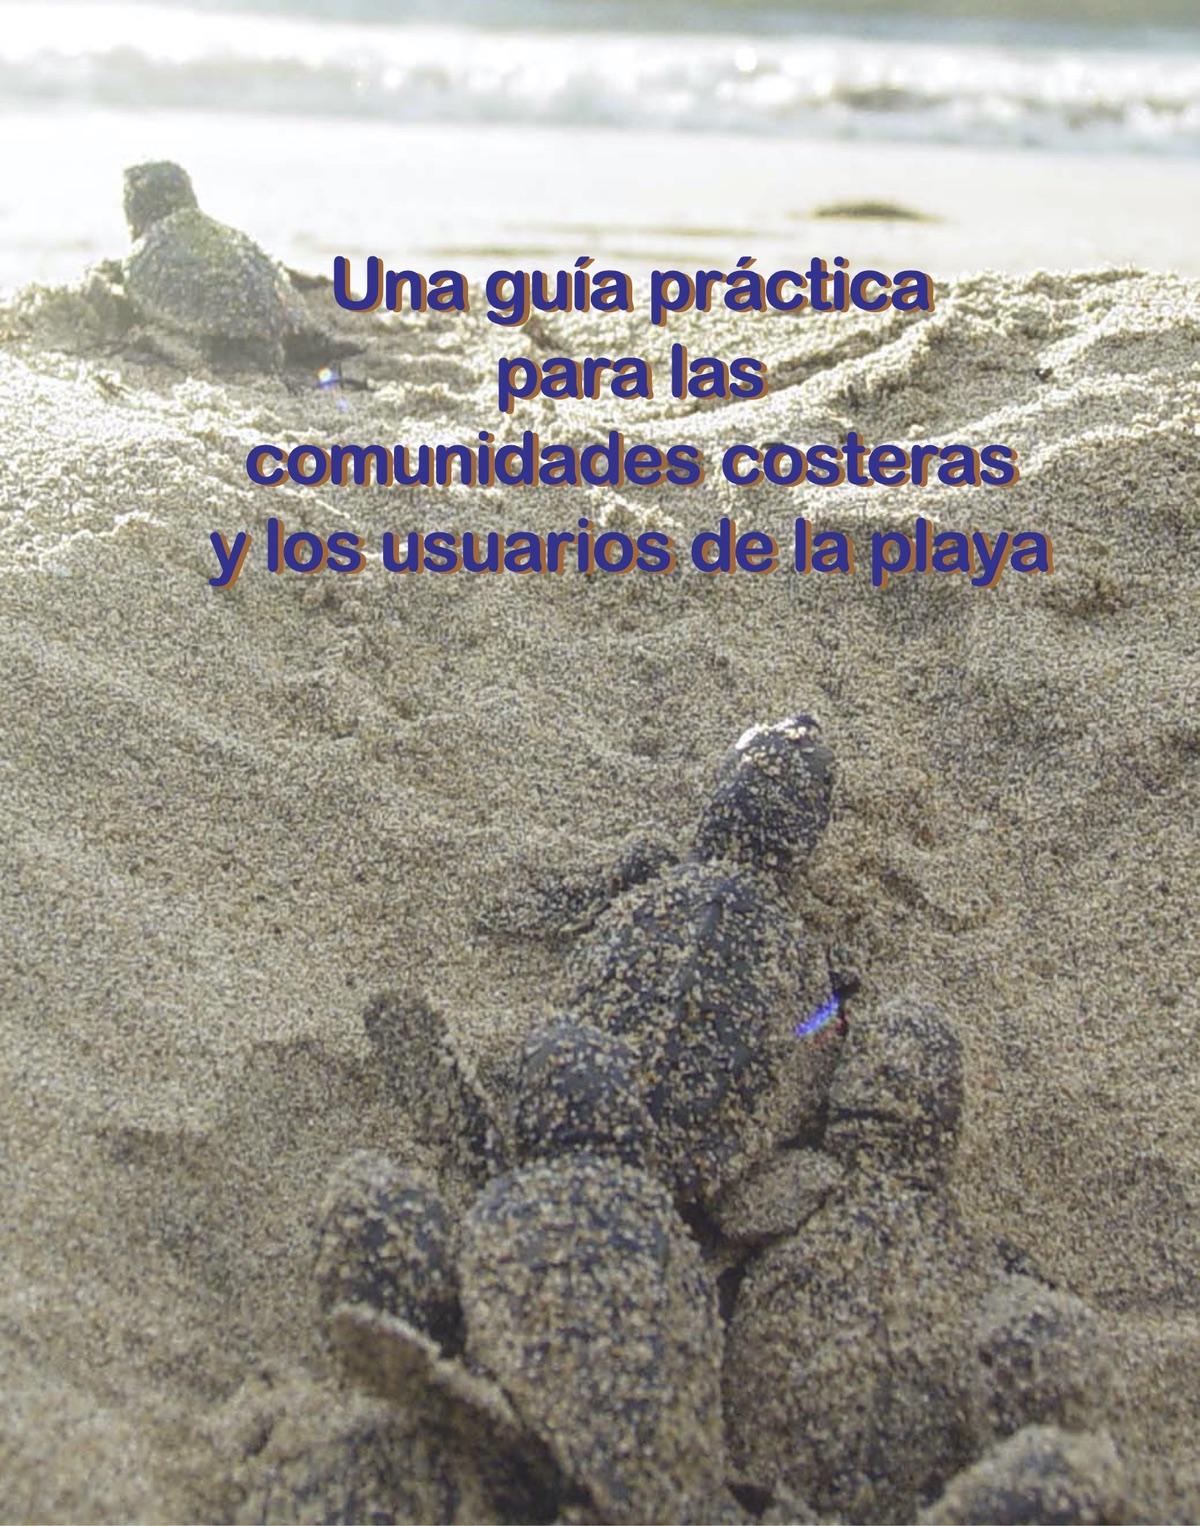 Una guía práctica para las comunidades costeras y los usuarios de la playa